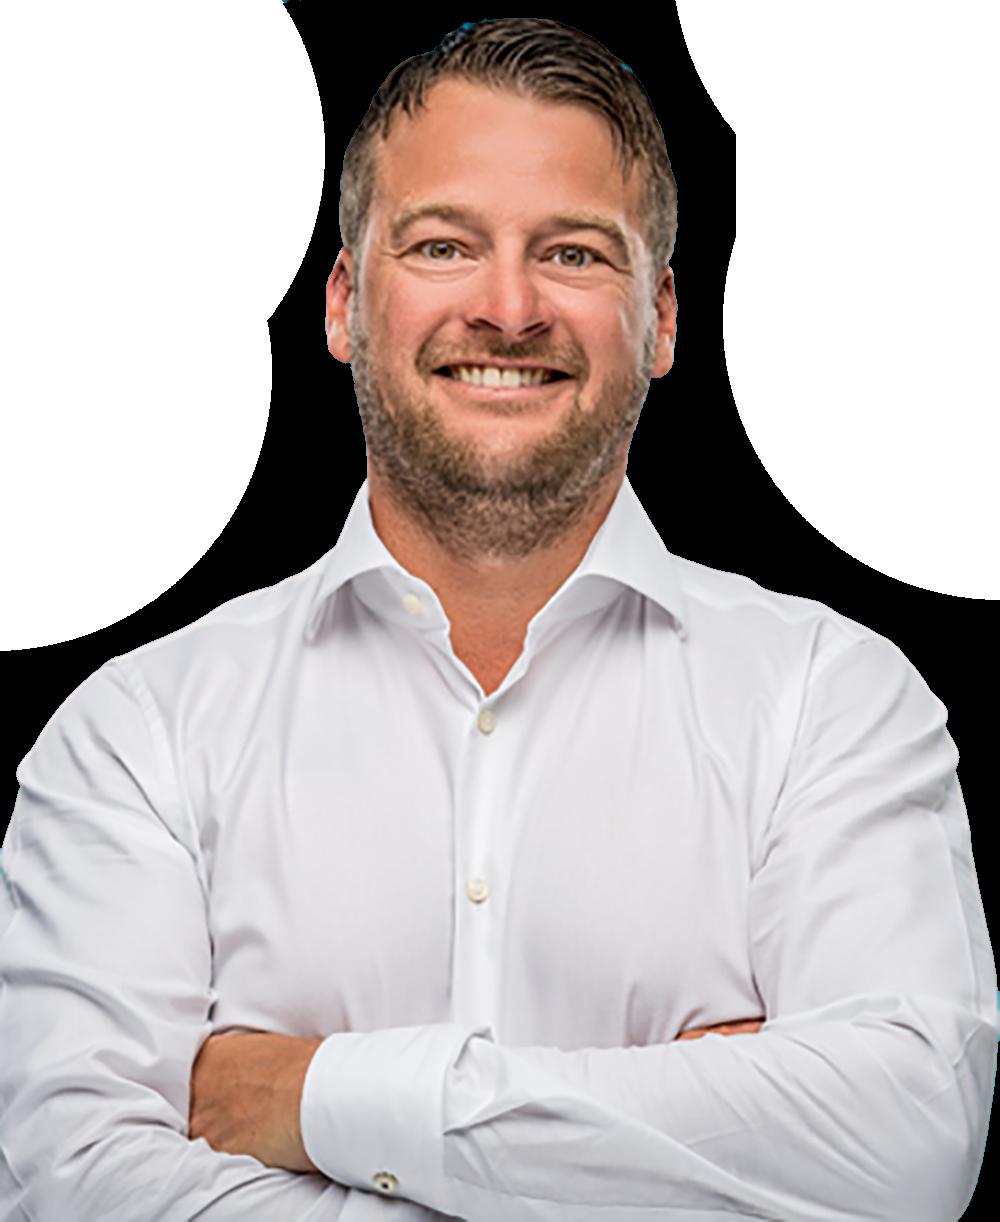 Thorsten Kraus transparenter Hintergrund - Über VMK